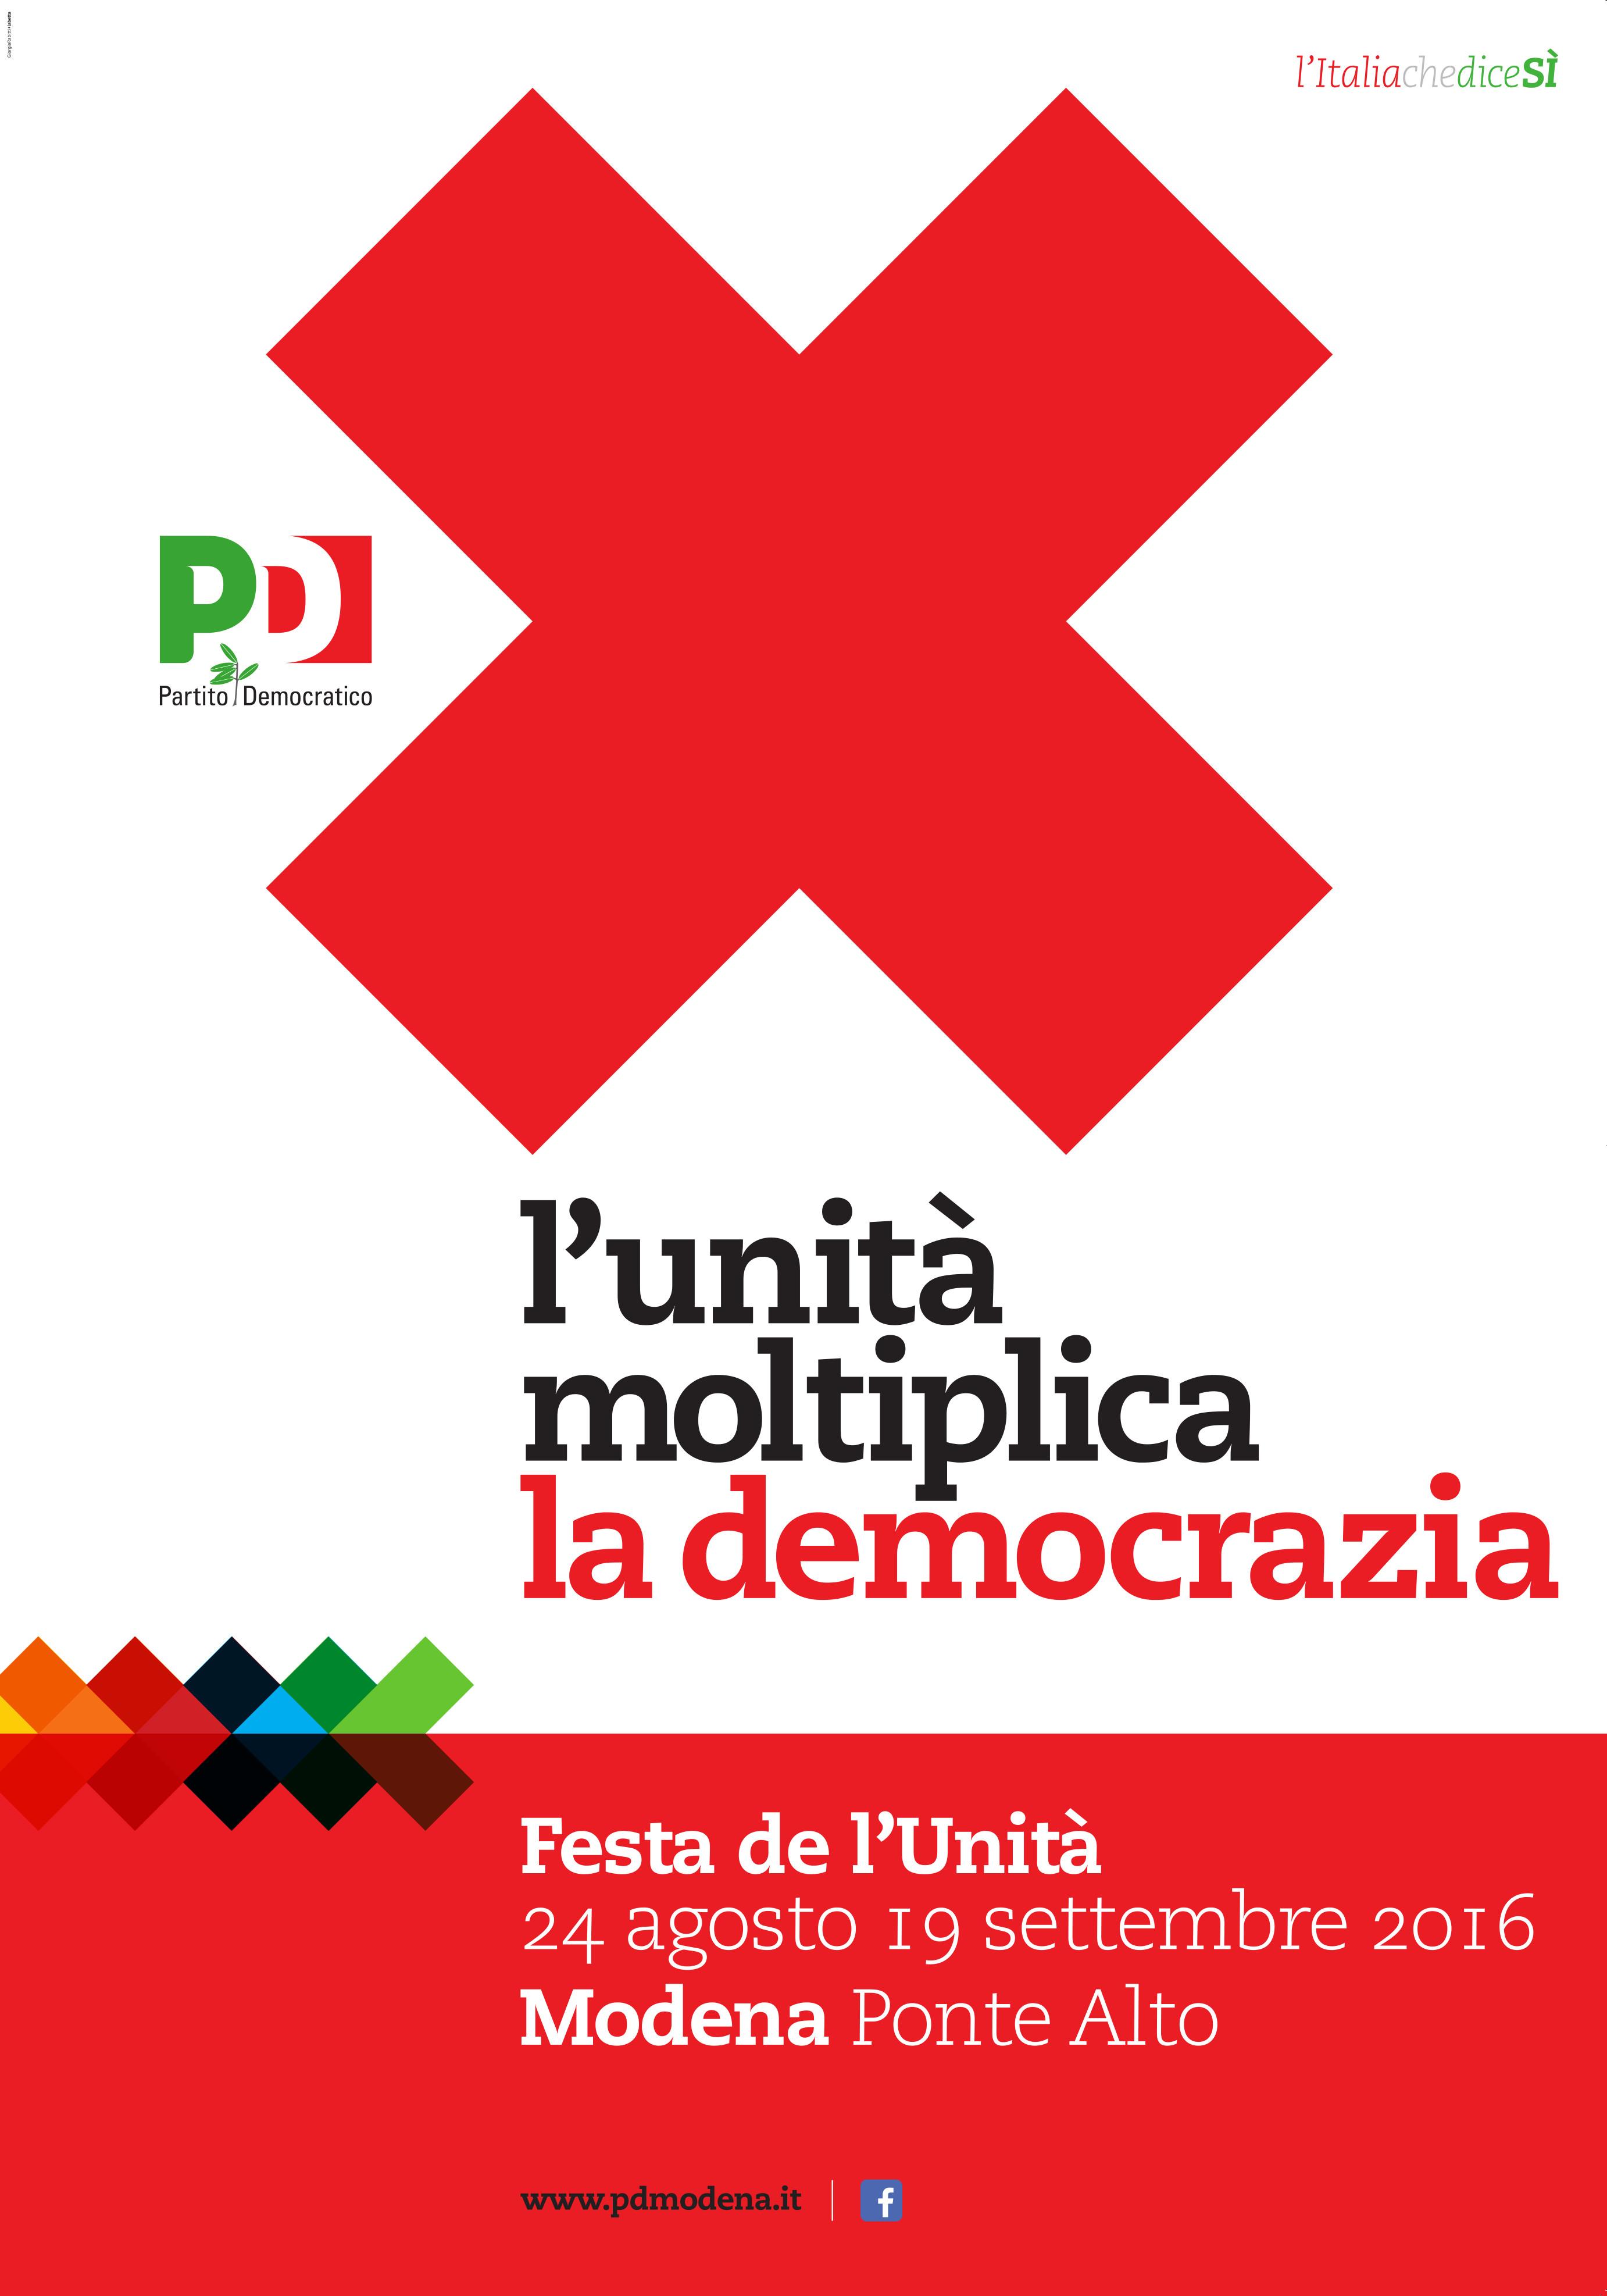 Grafica Festa 2016_democrazia